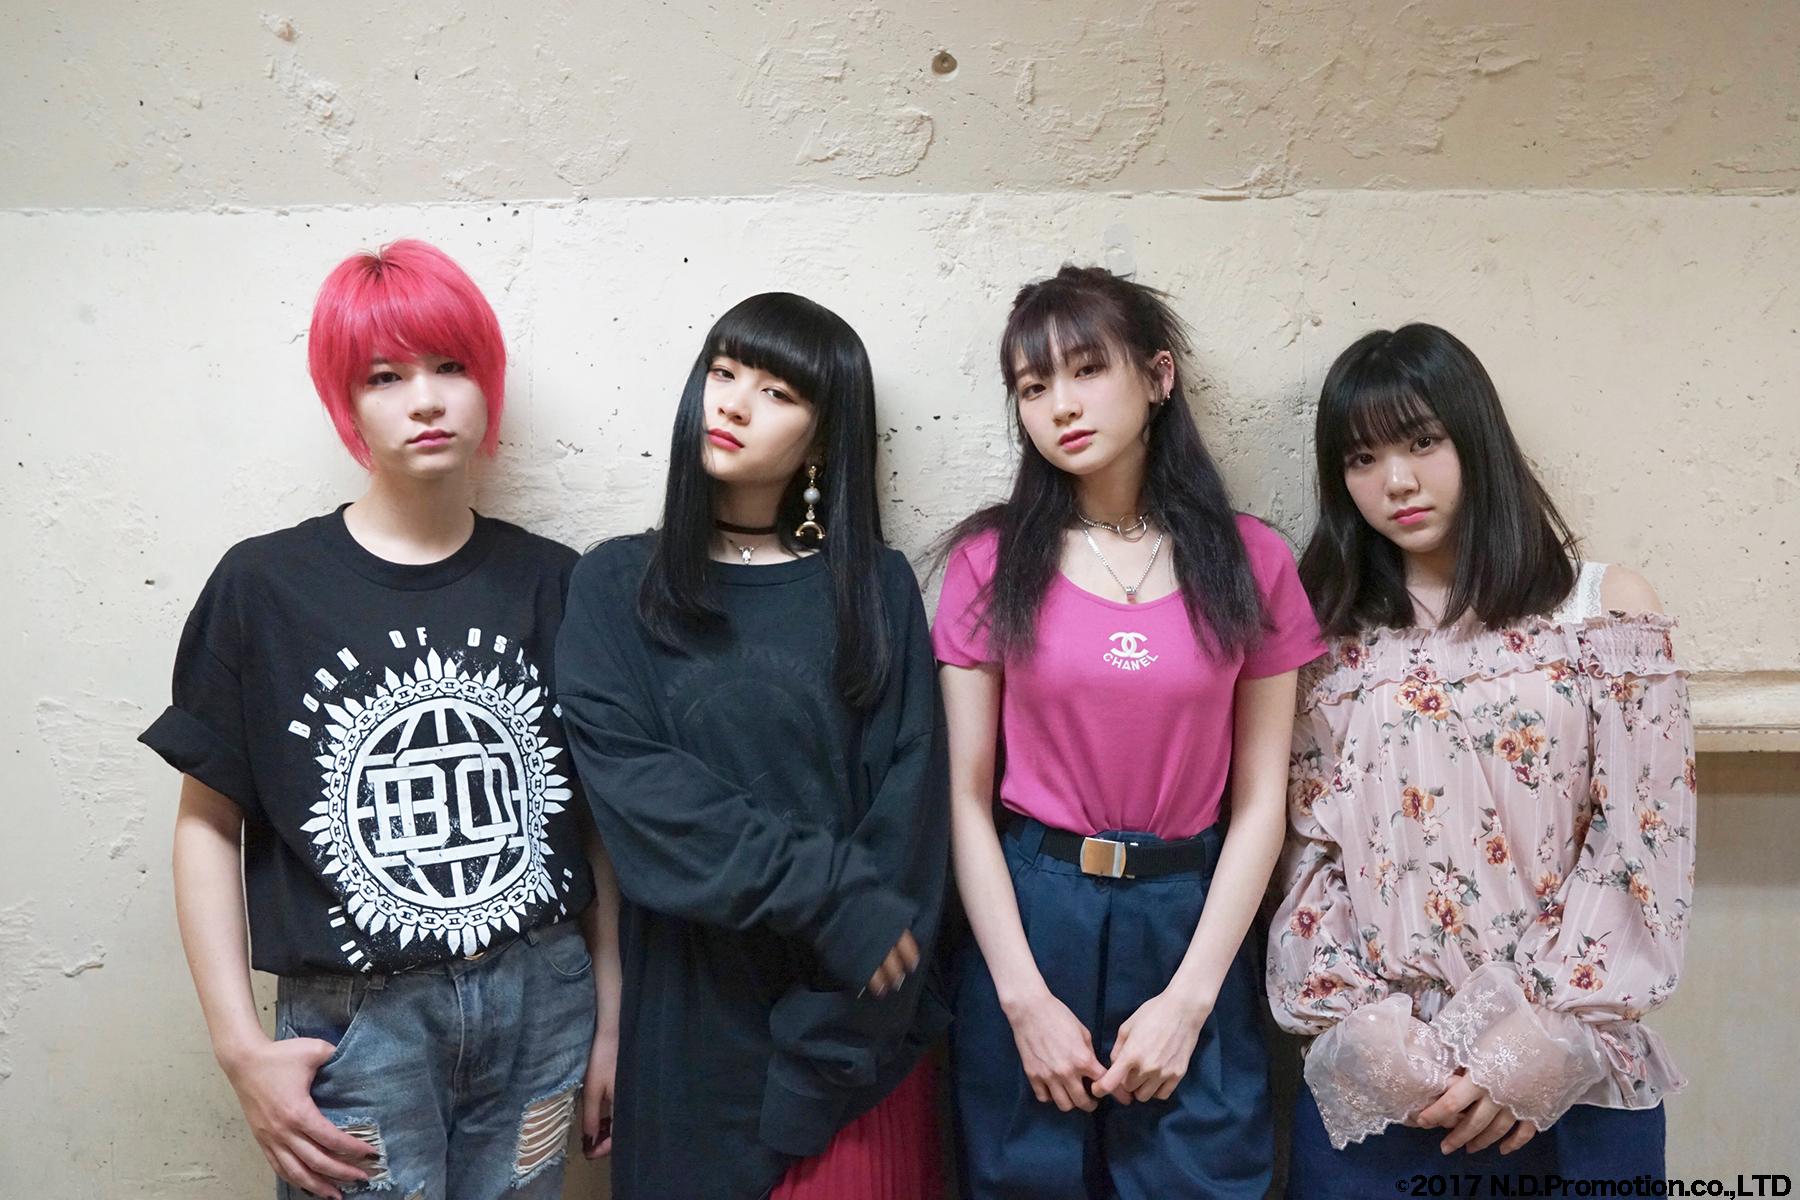 東京でツアーファイナルを迎えた新体制【LADYBABY】にインタビュー🎤⚡️